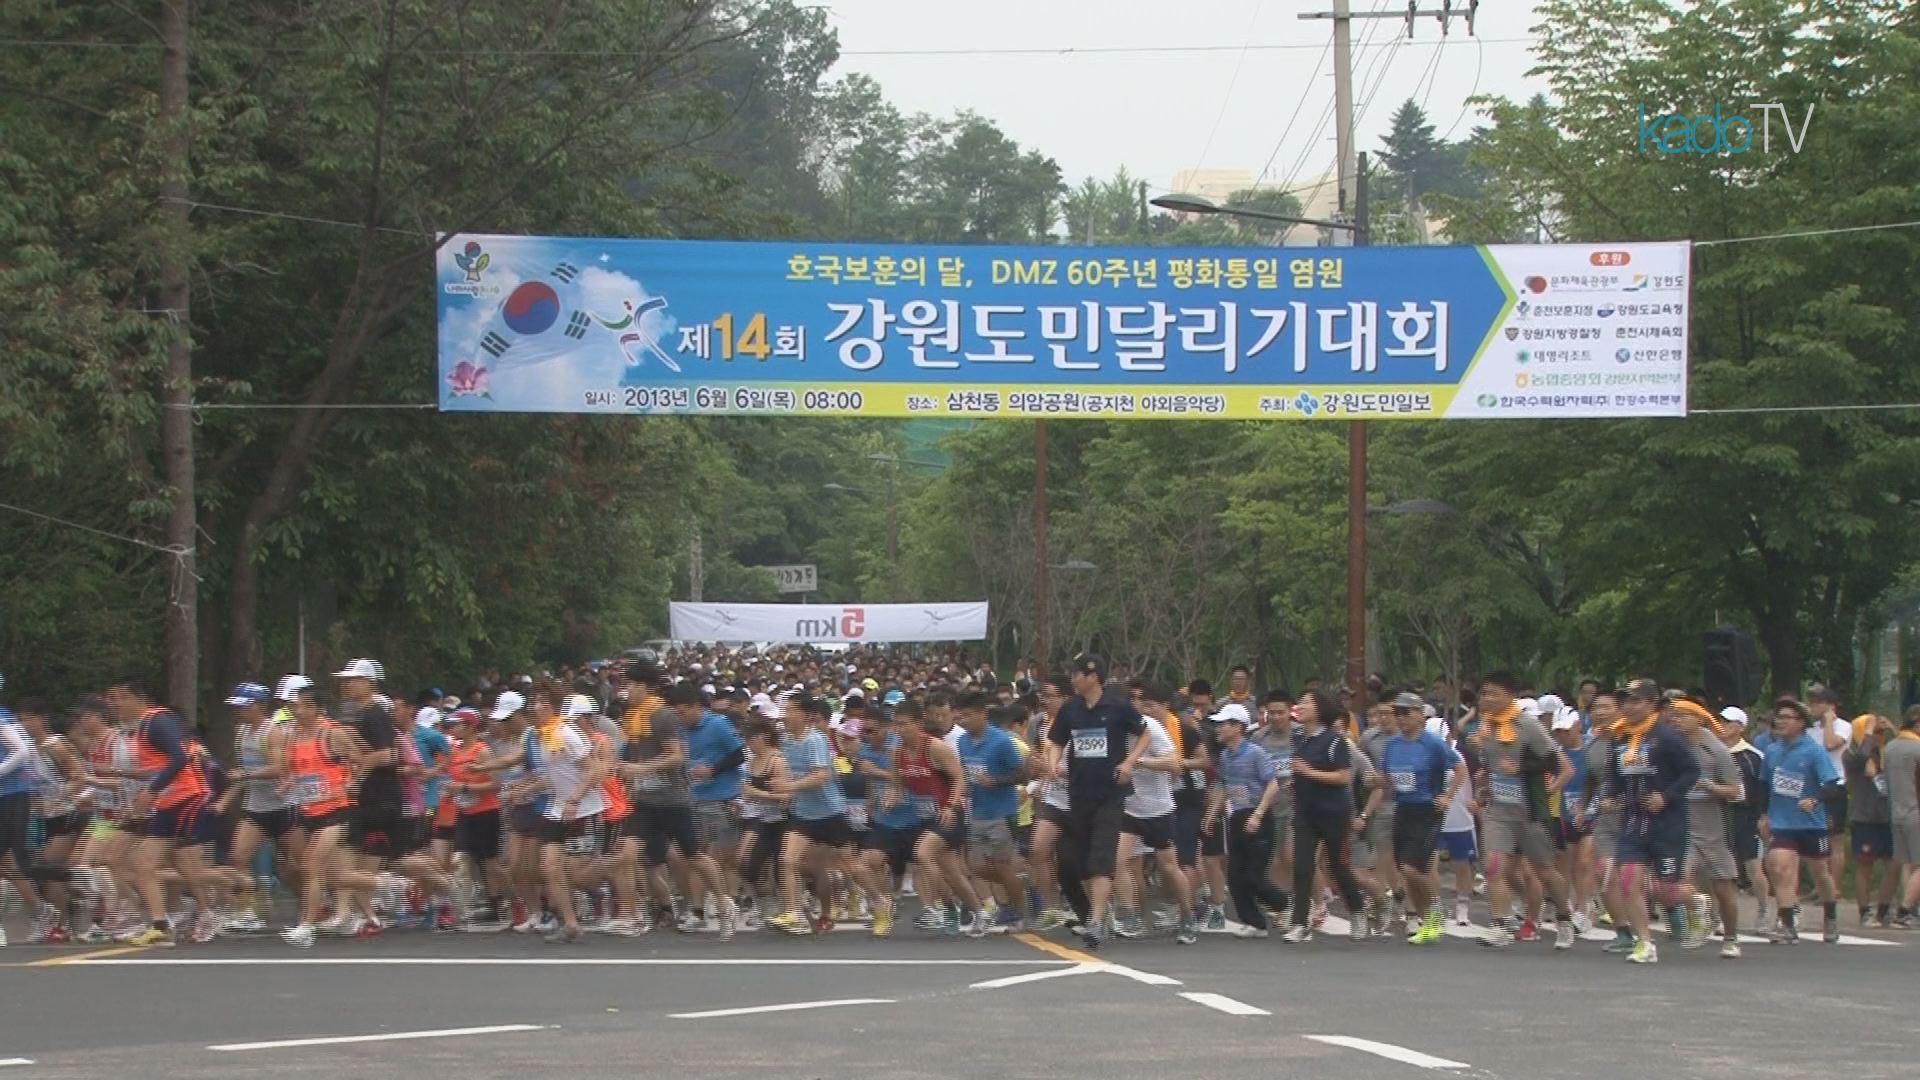 제14회 강원도민달리기대회